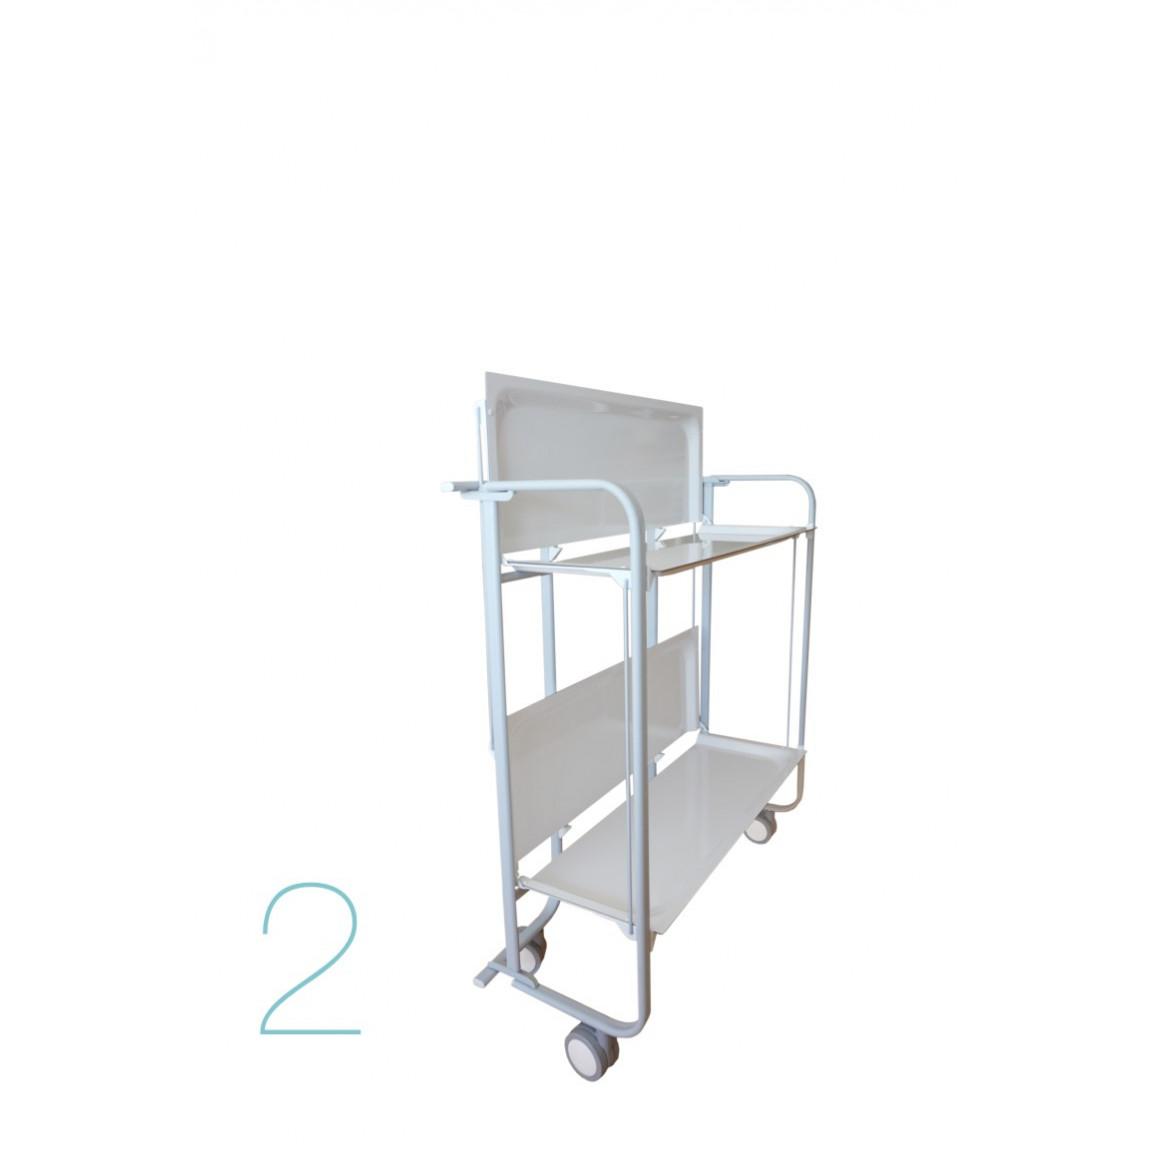 Faltbarer 2-stöckiger Servierwagen | Weiß 86